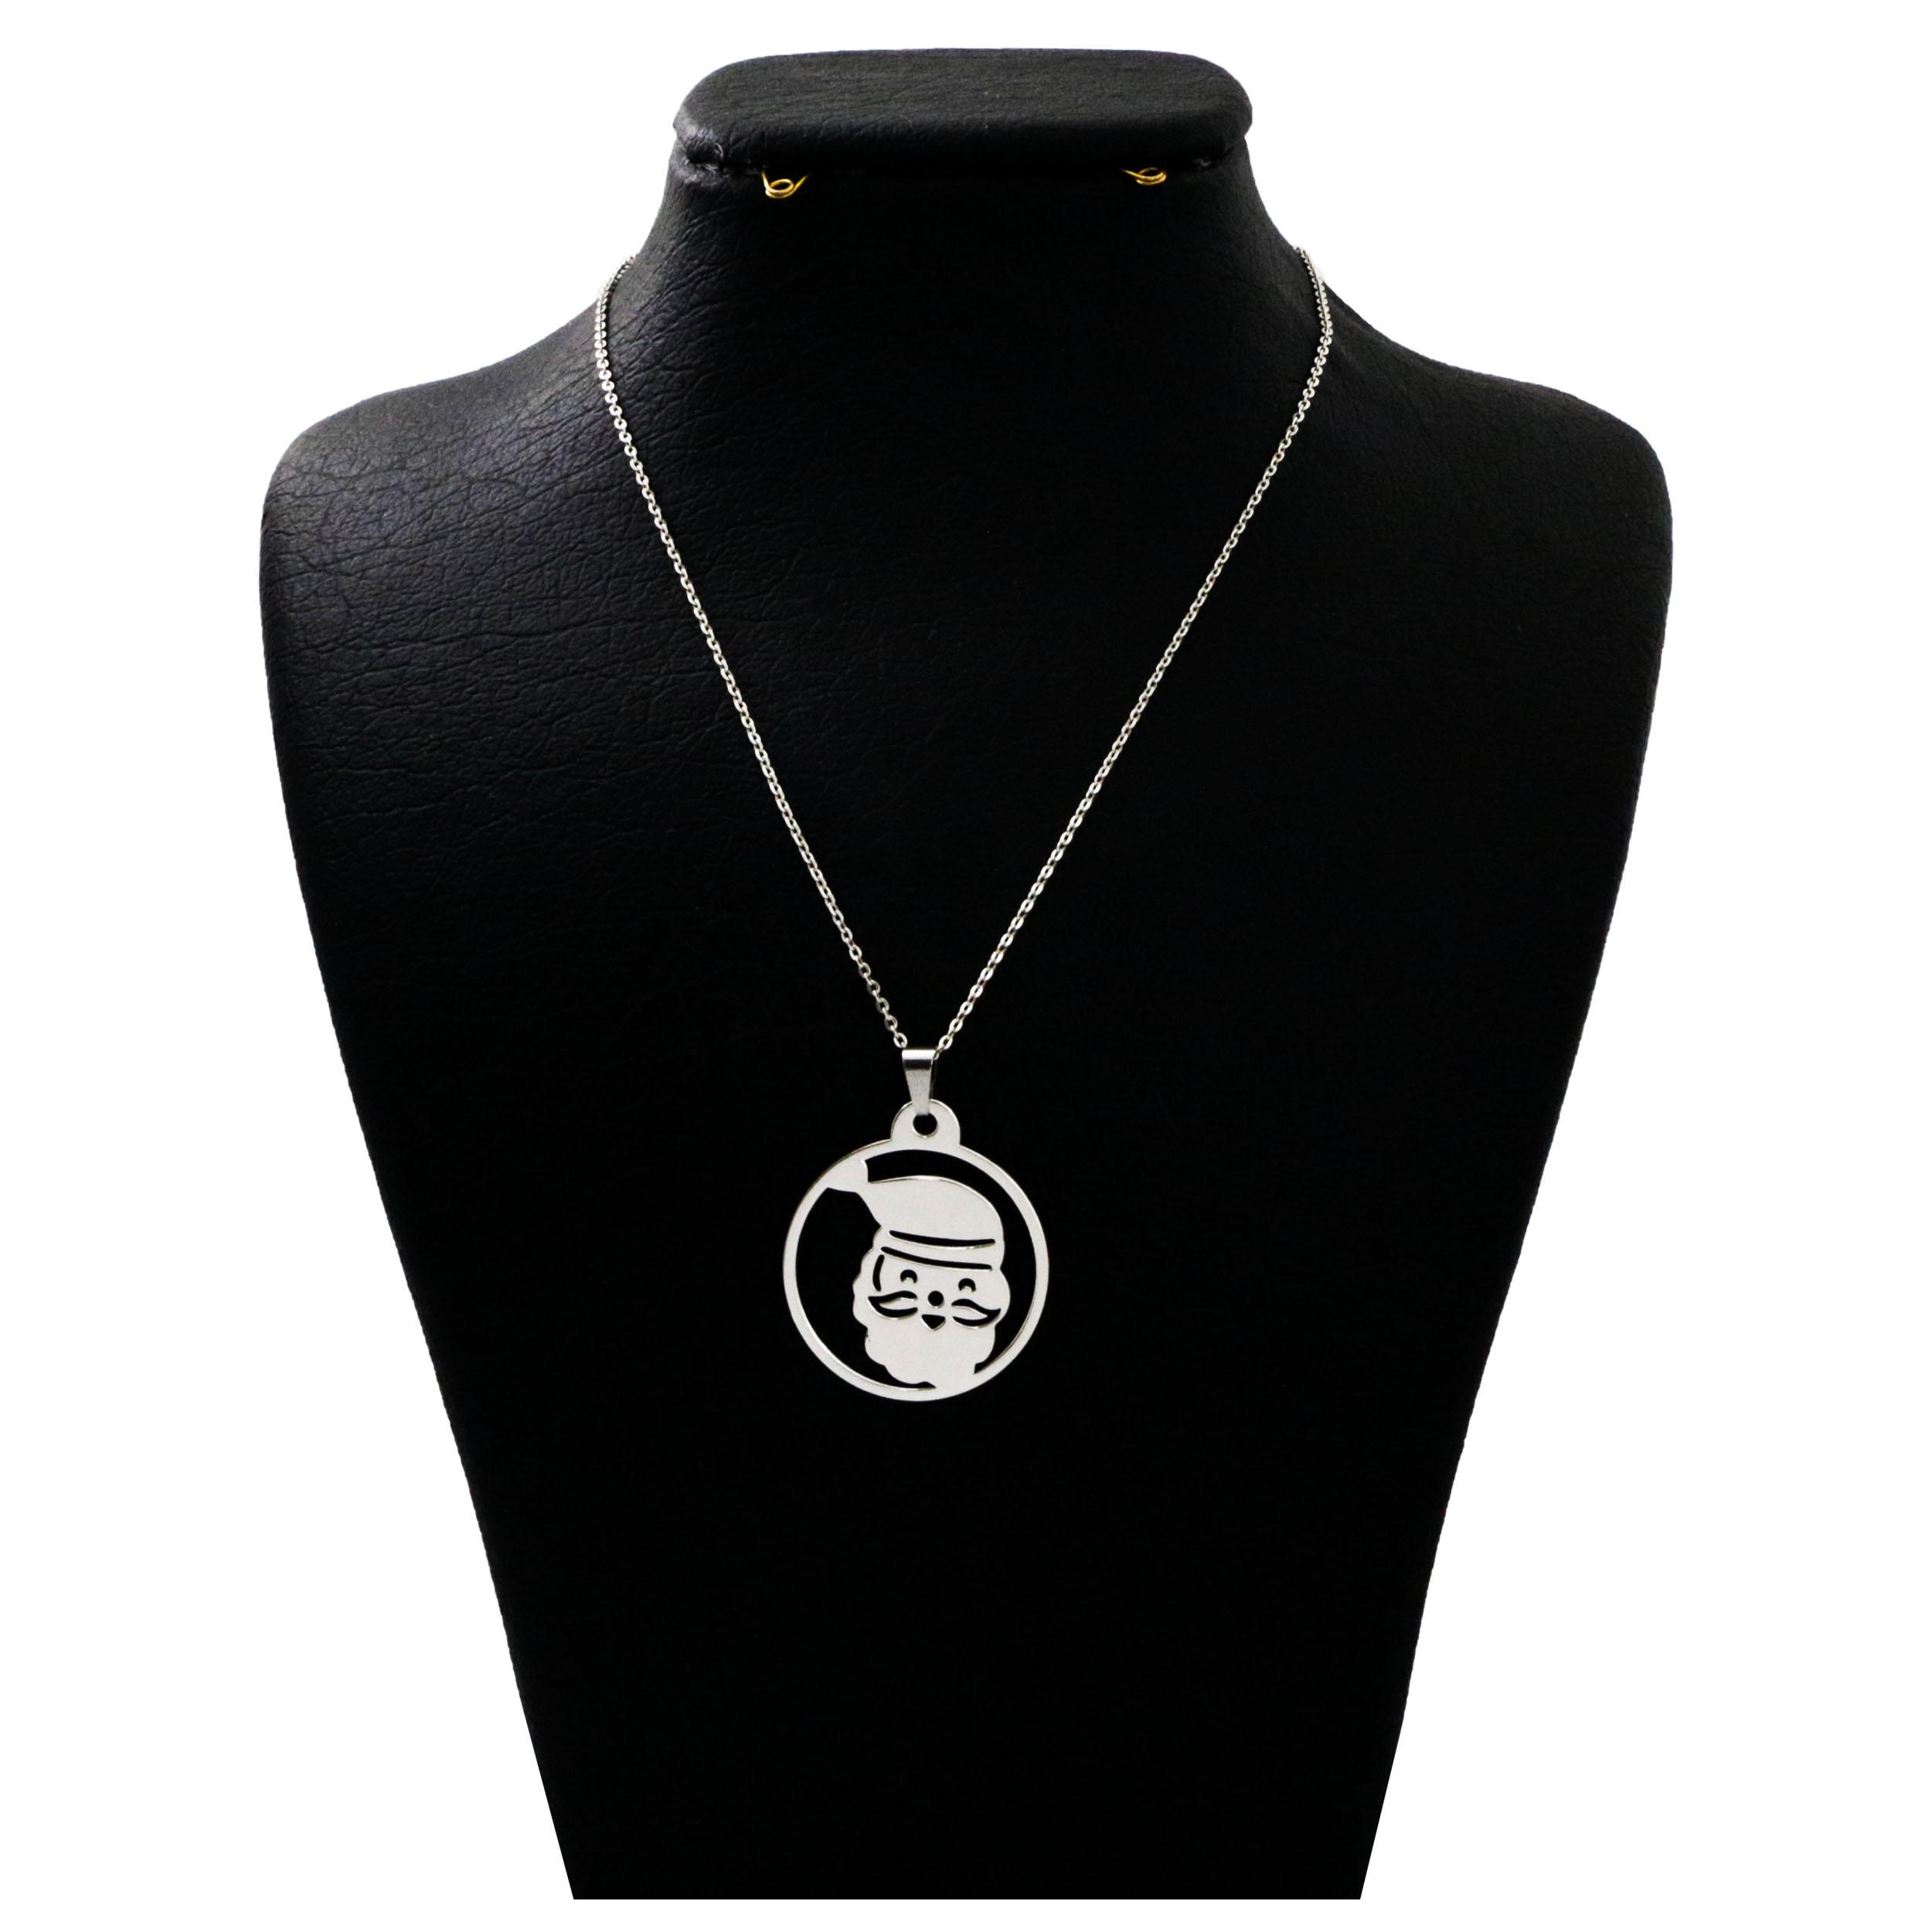 گردنبند نقره زنانه  مدل دلی جم طرح بابا نوئل  کد D408